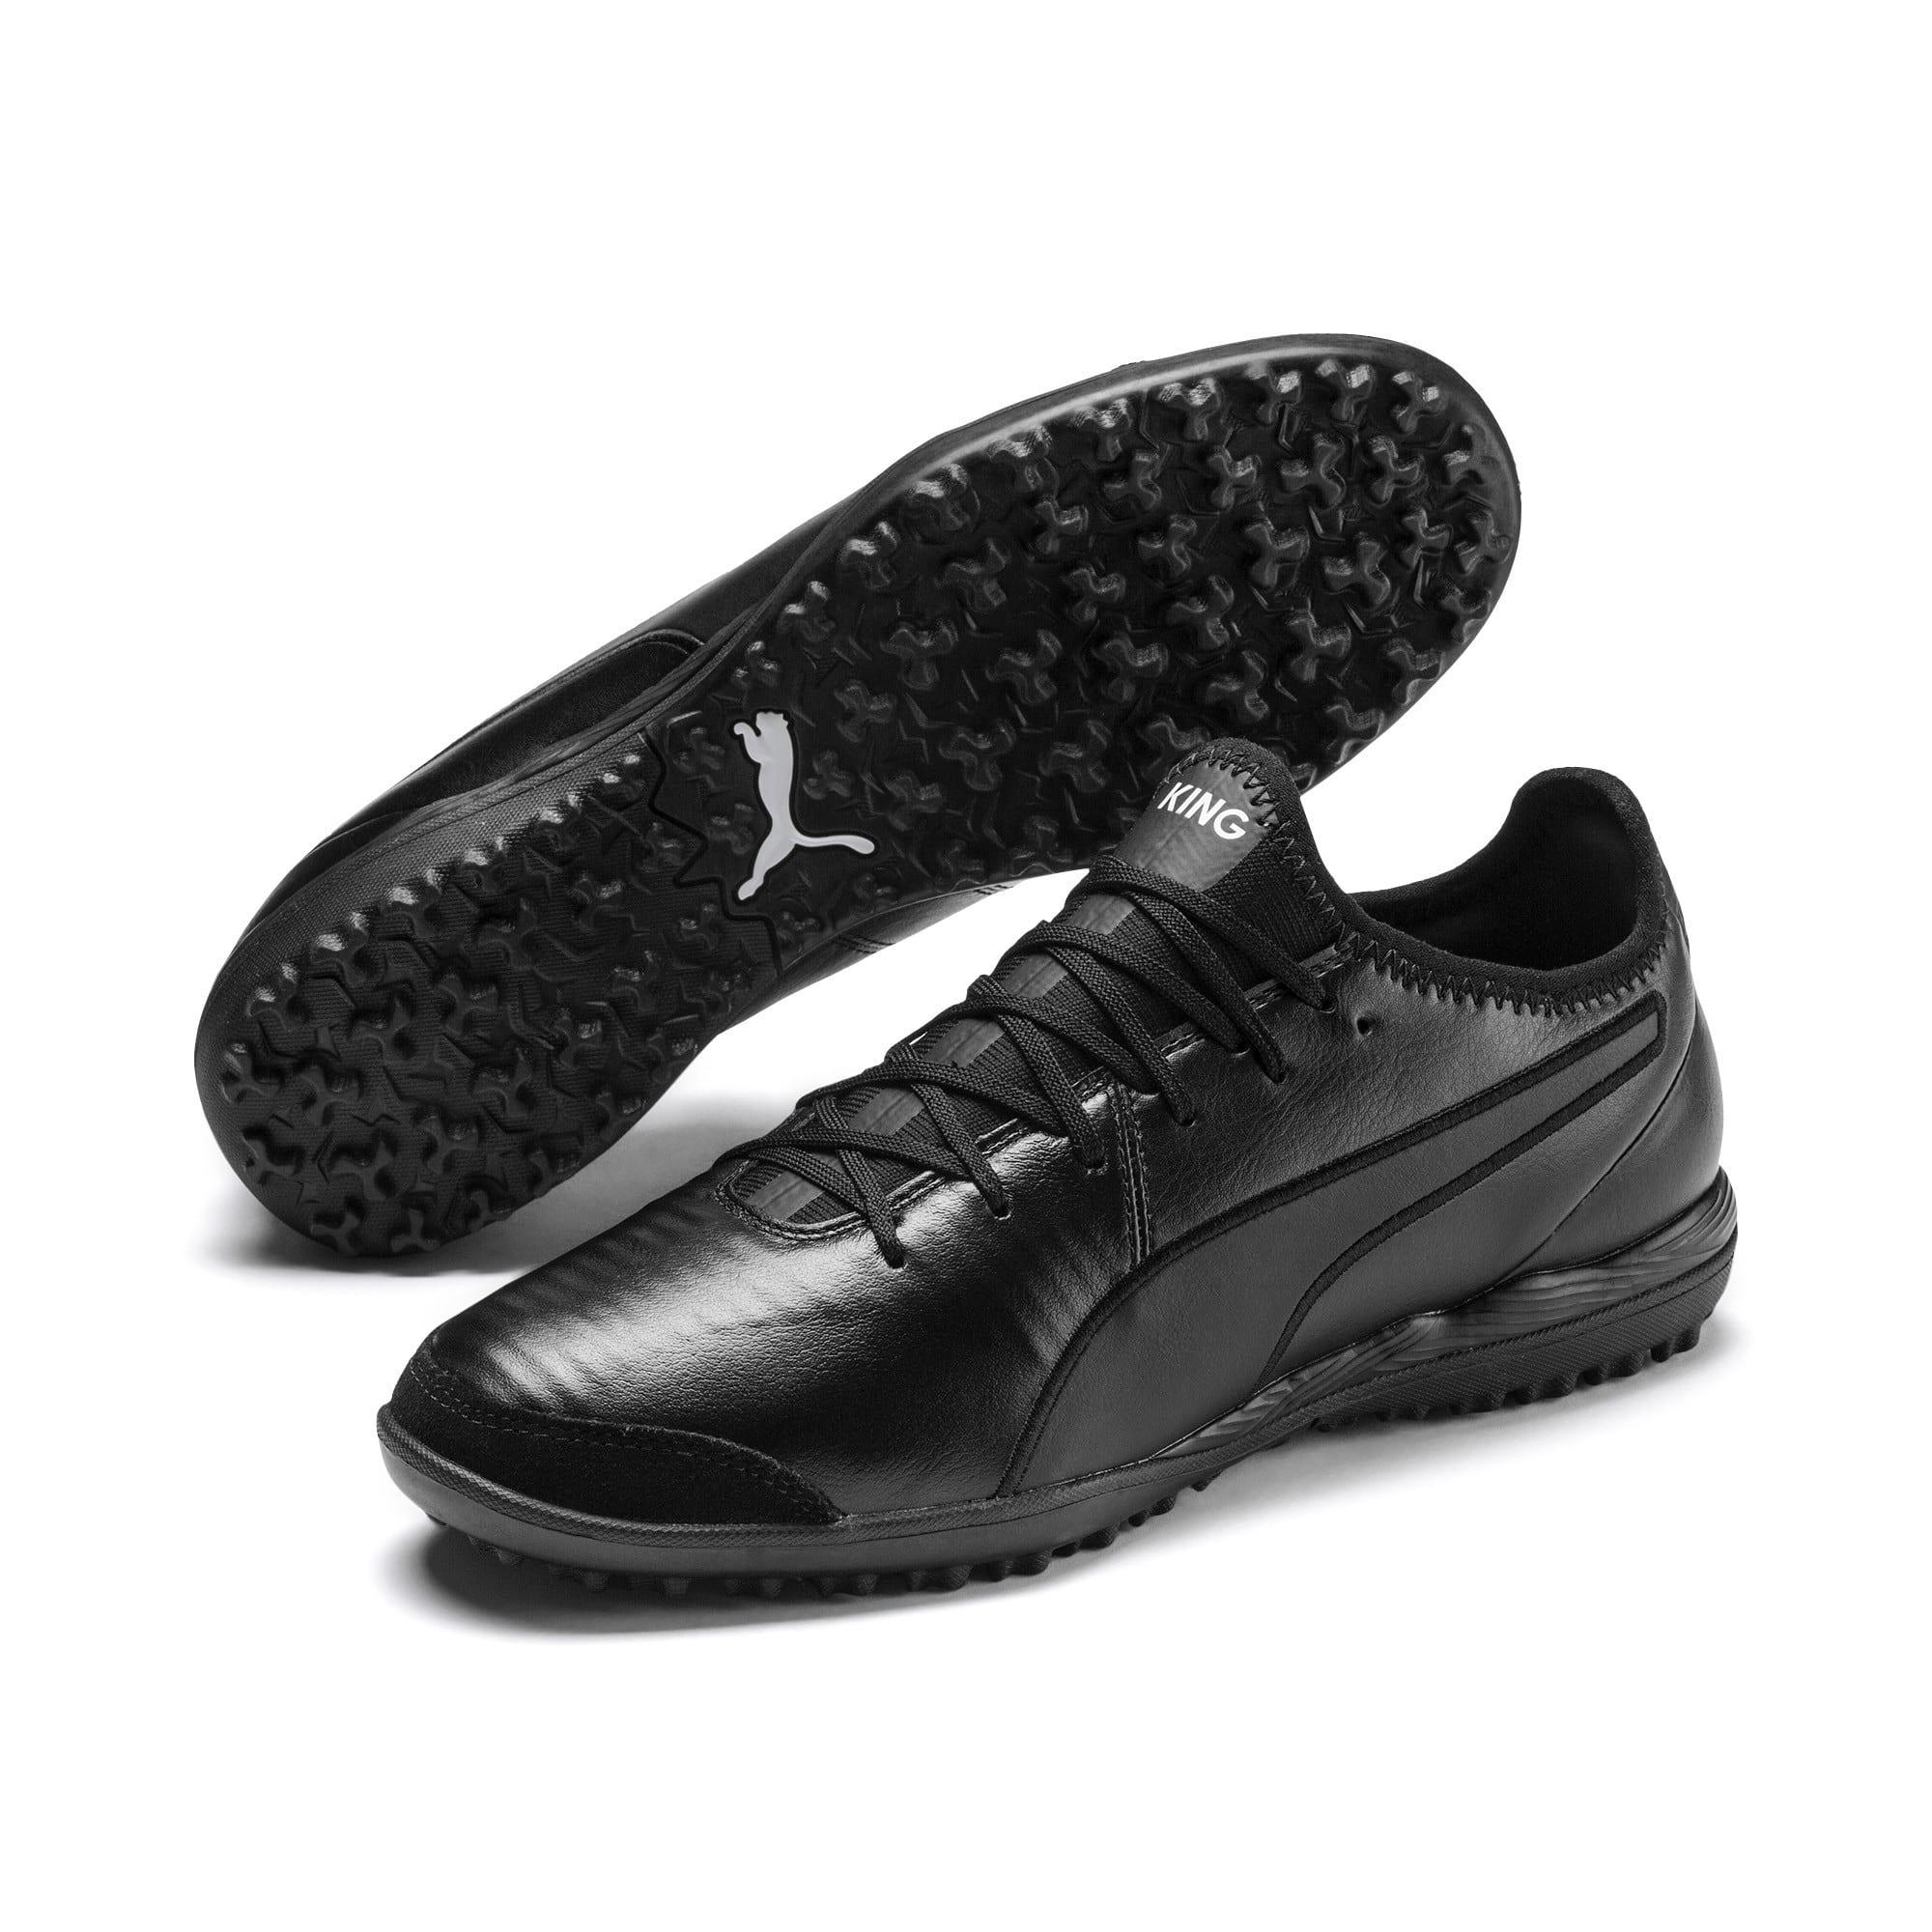 Thumbnail 2 of King Pro TT Soccer Shoes, Puma Black-Puma White, medium